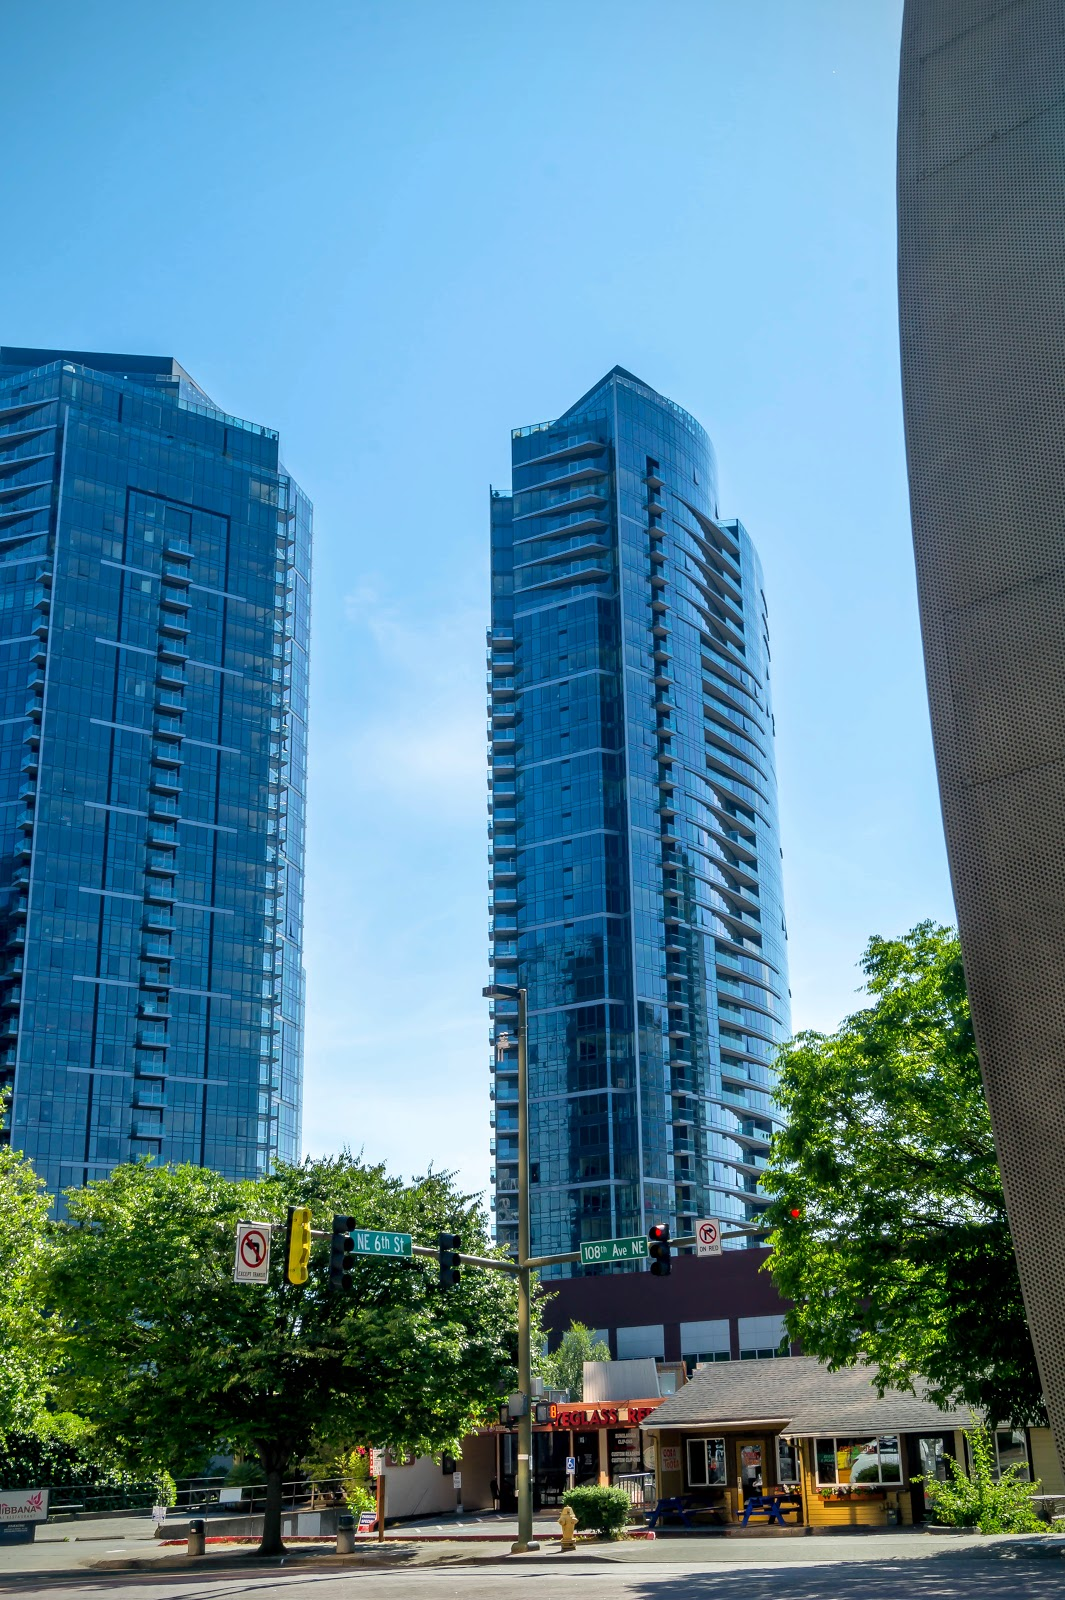 Сам город производит очень приятное впечатление и сильно отличается от центра Сиэтла. Здесь чисто, спокойно и очень зелено. Сверкающие новые здания радуют глаз.